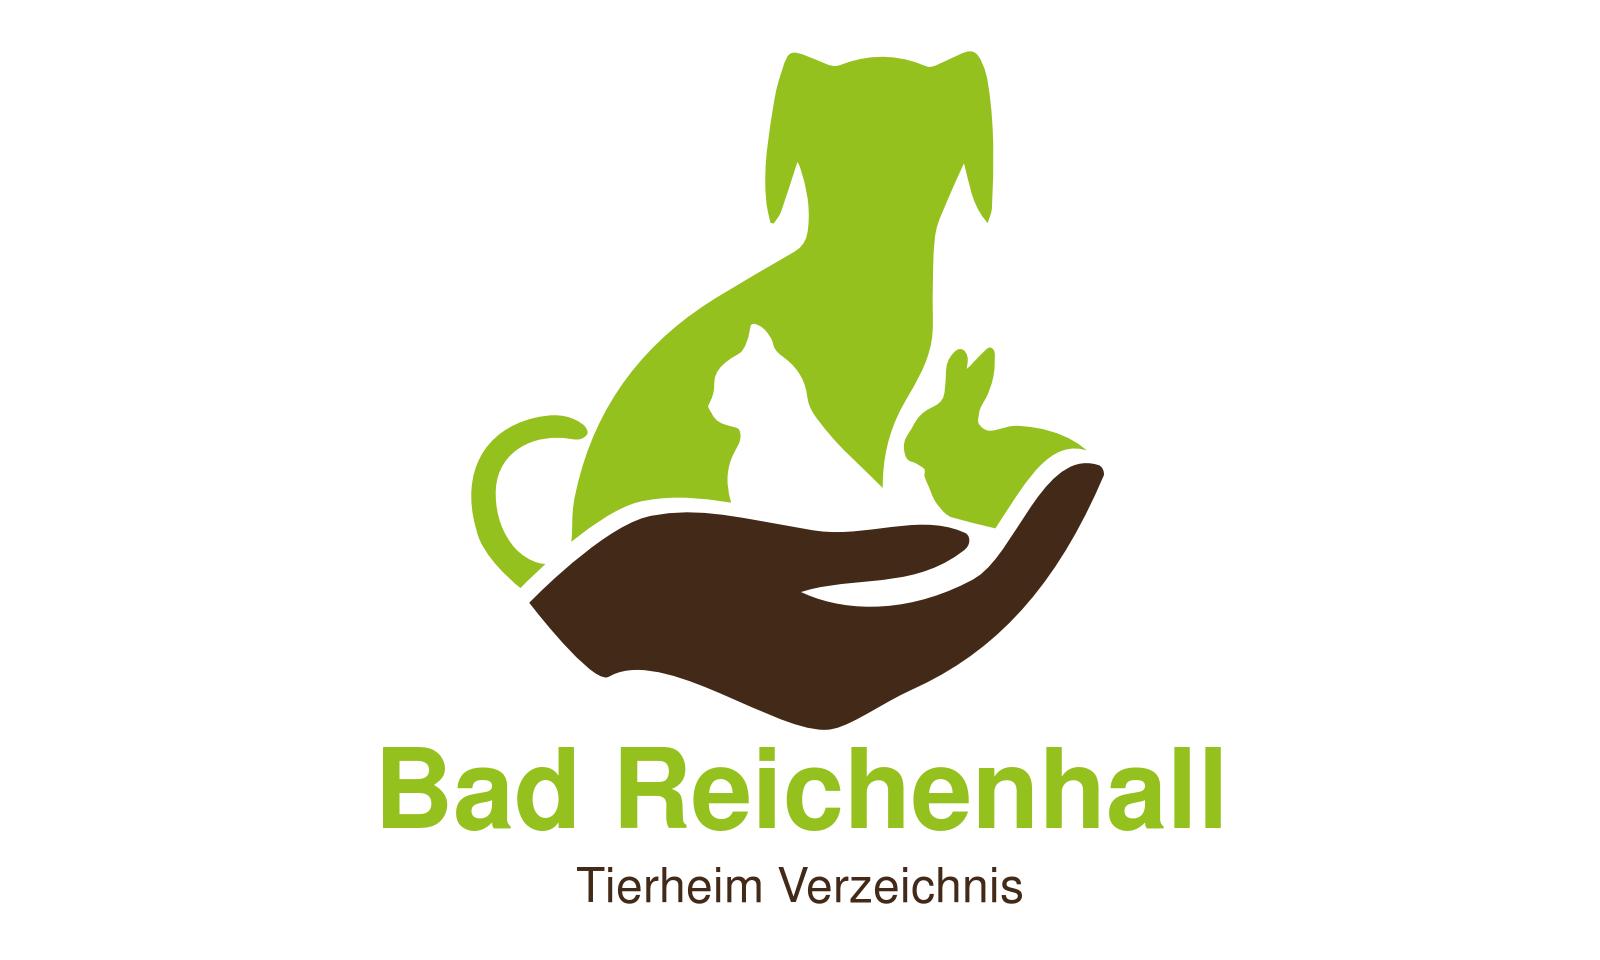 Tierheim Bad Reichenhall